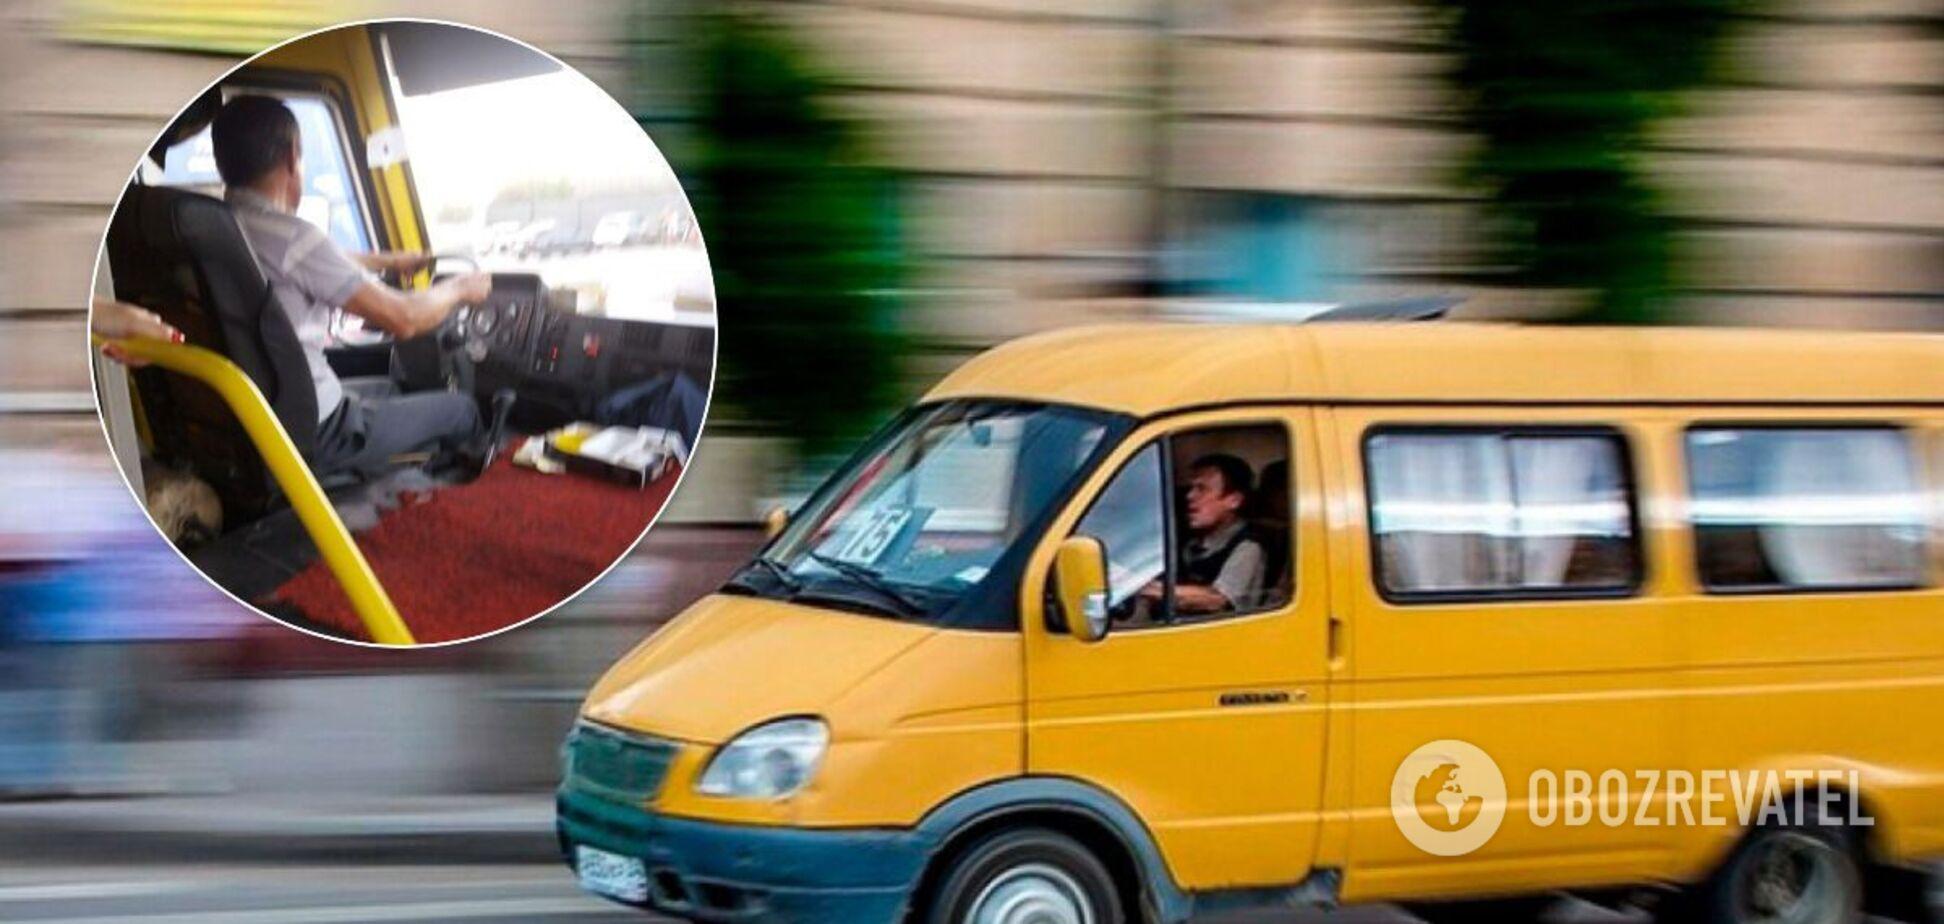 У Дніпрі маршрутник протягнув затиснуту в дверях пасажирку. Фото